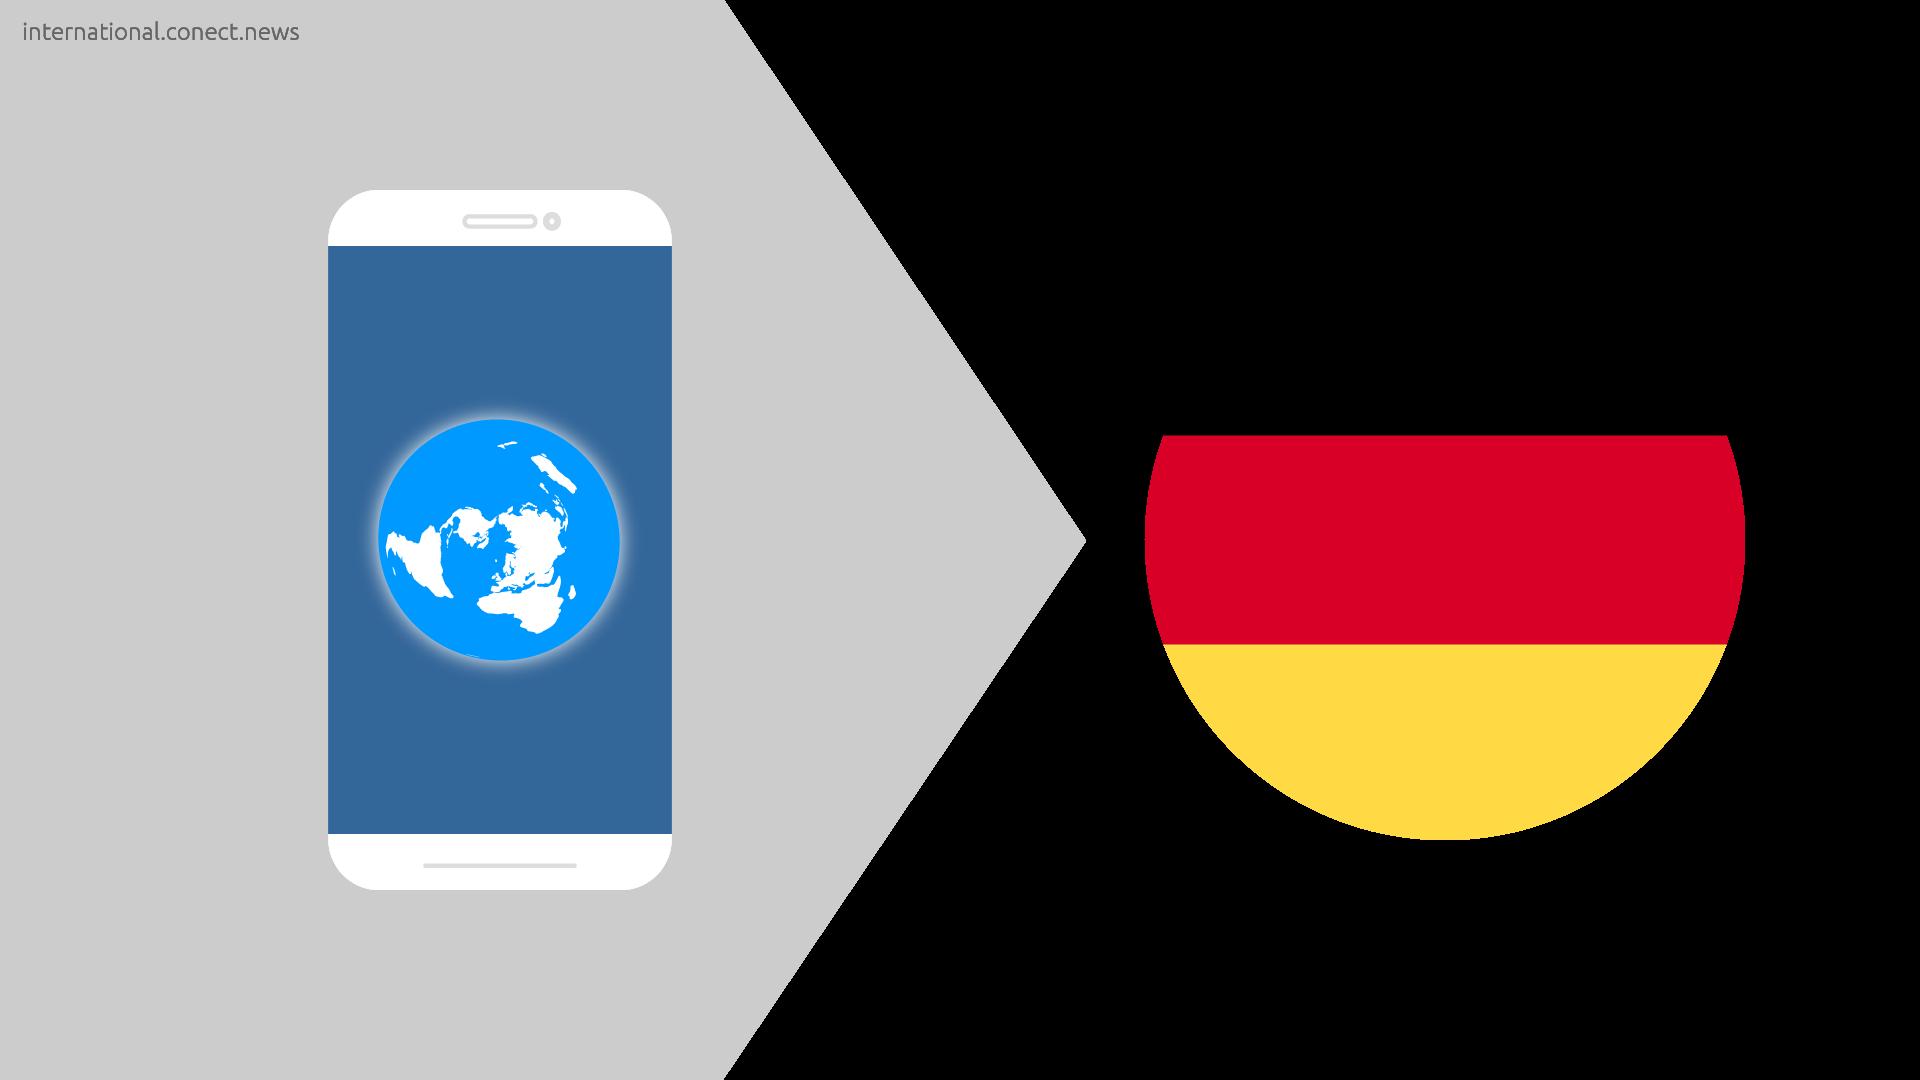 Deutschland international telefonieren @conect_news